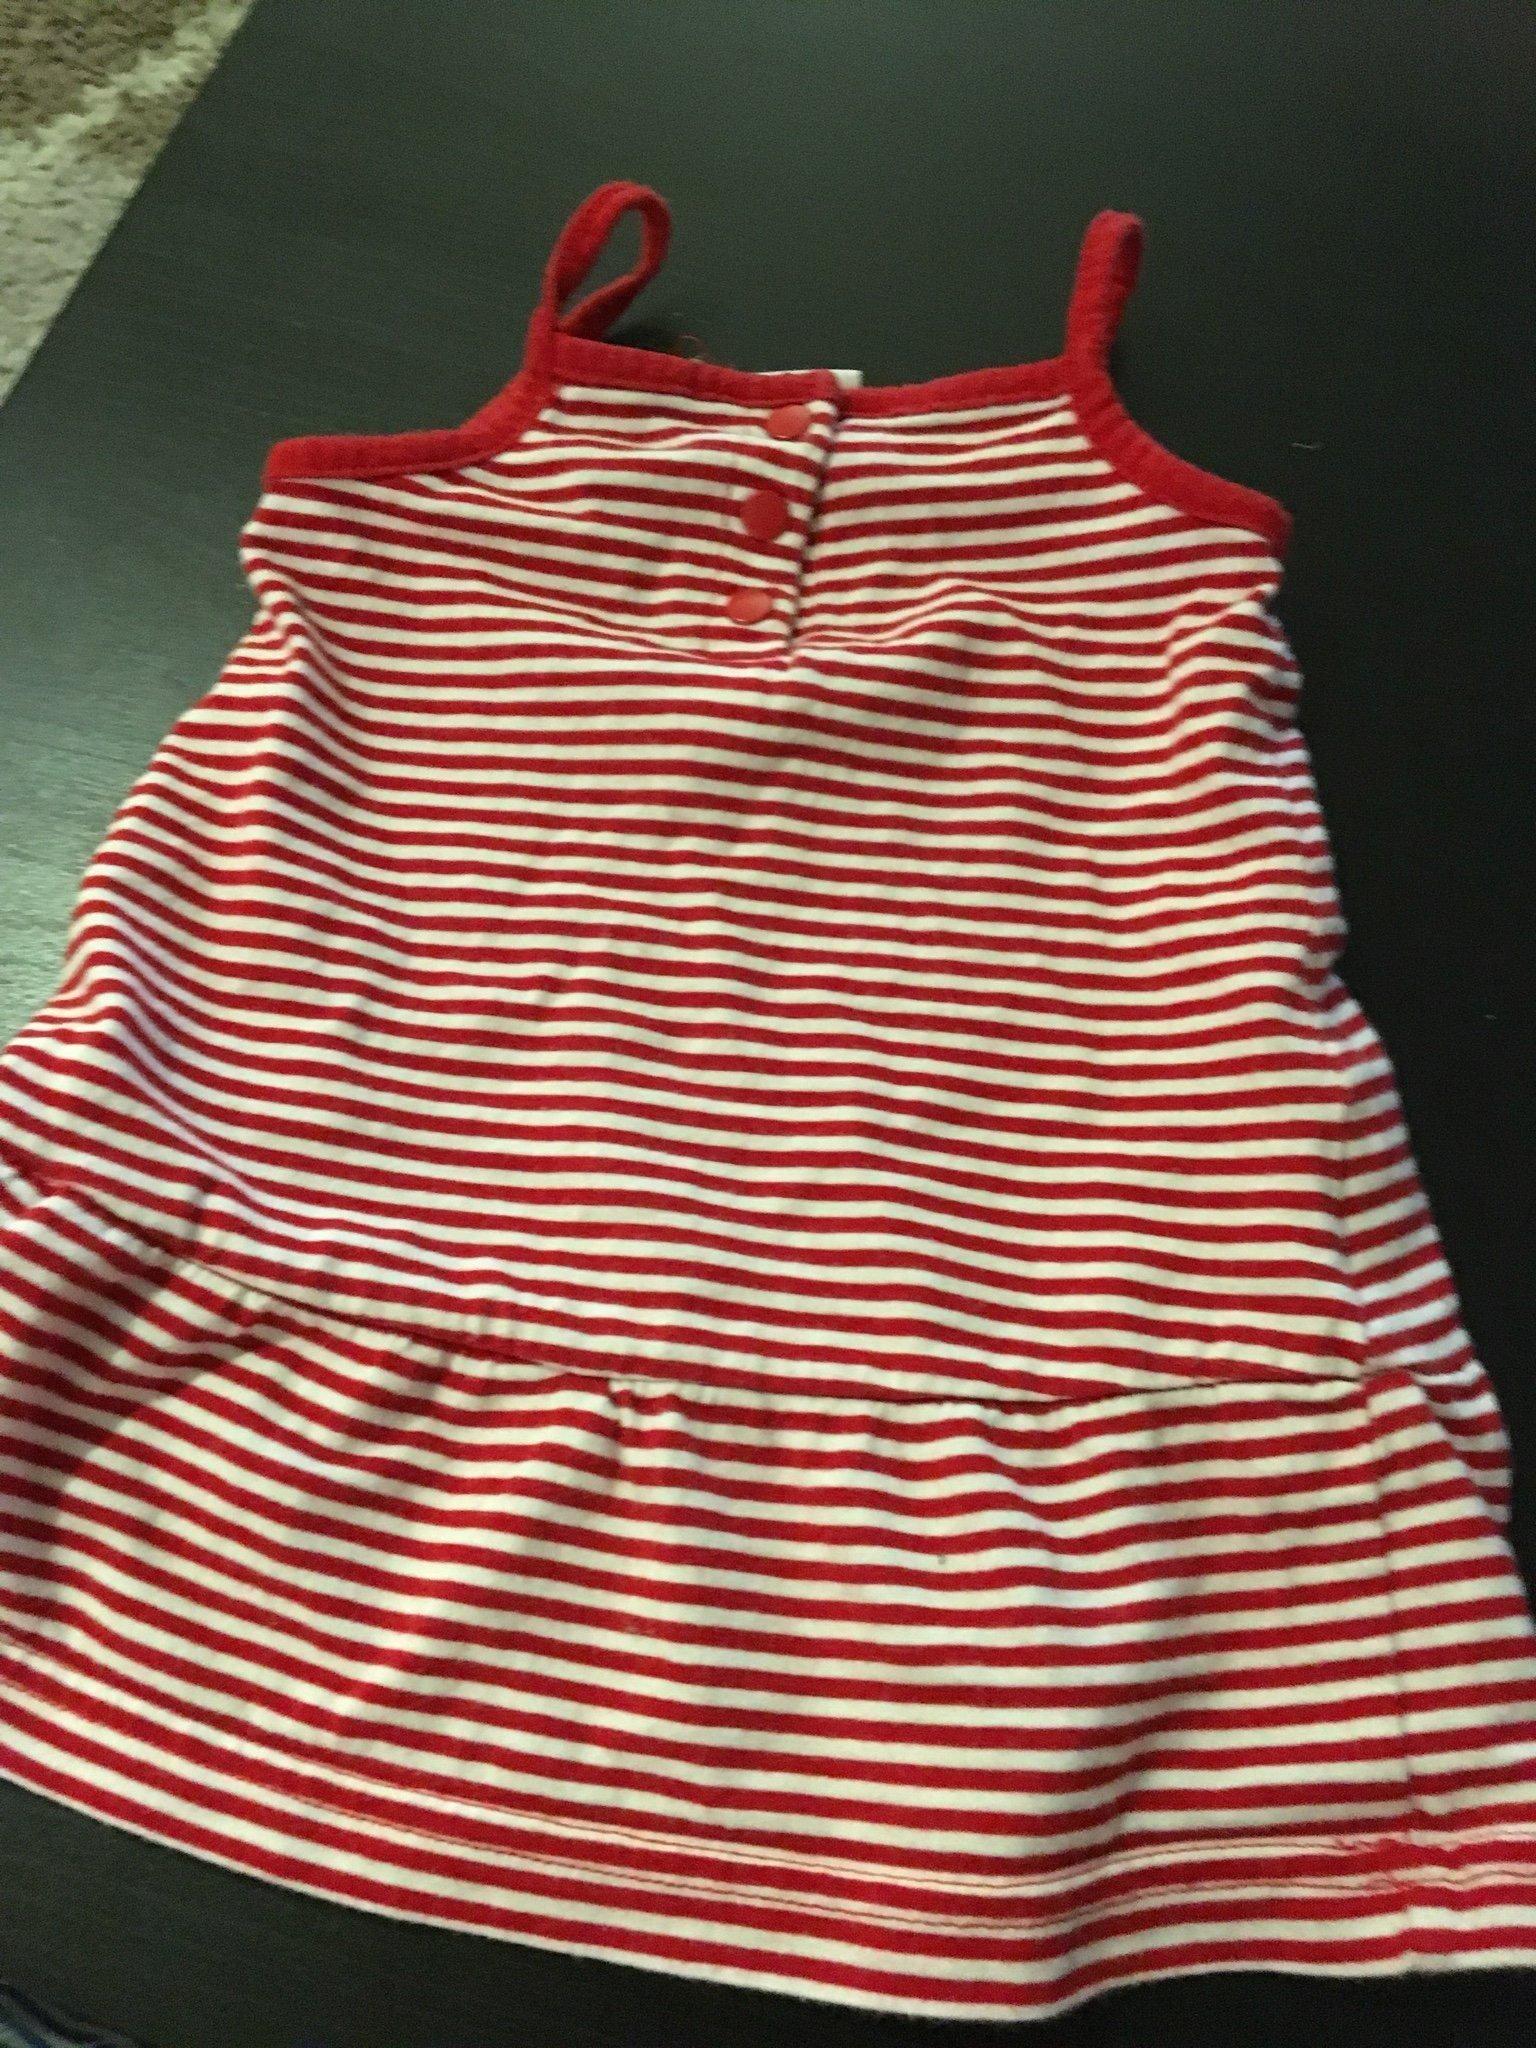 5b05d6469267 Lindex klänning storlek 68 (347709641) ᐈ Köp på Tradera